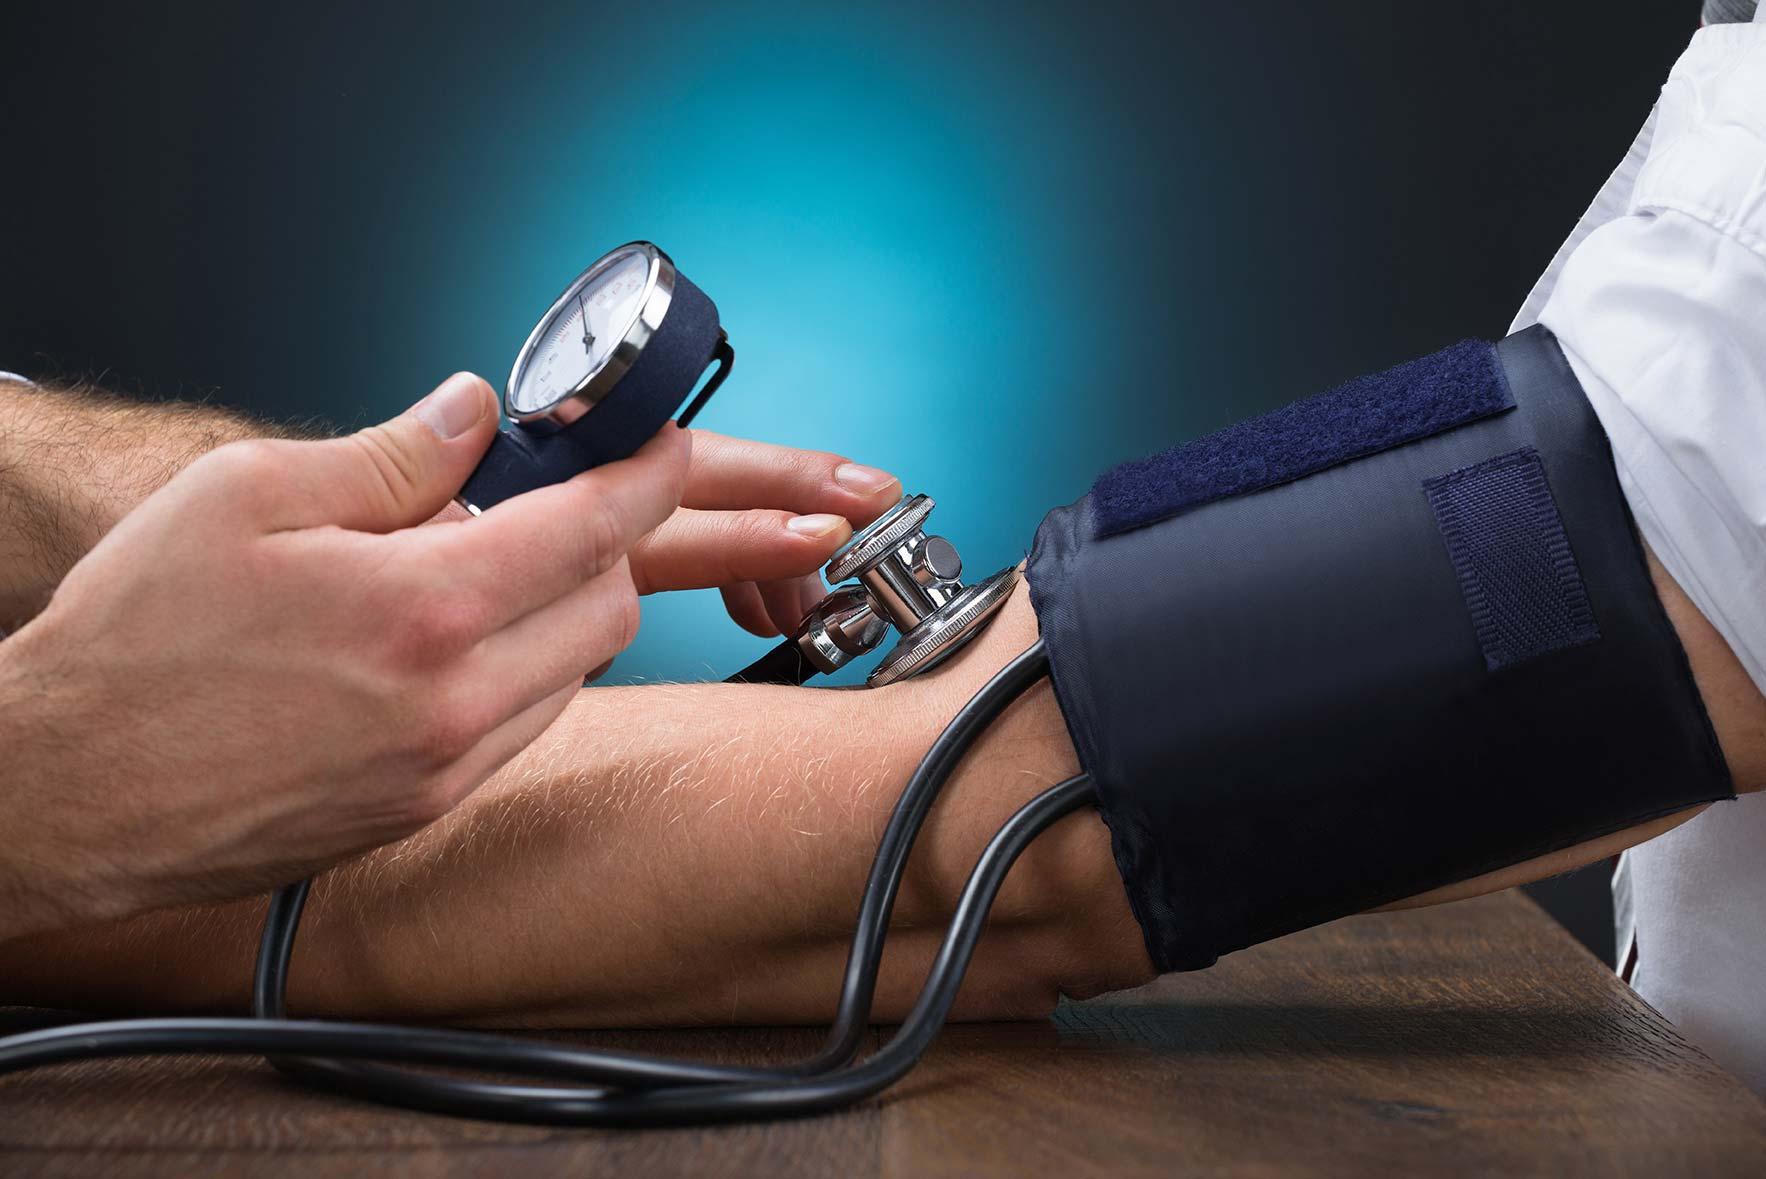 piték a magas vérnyomásról 2 fokú nyaki gerinc osteochondrosis és magas vérnyomás